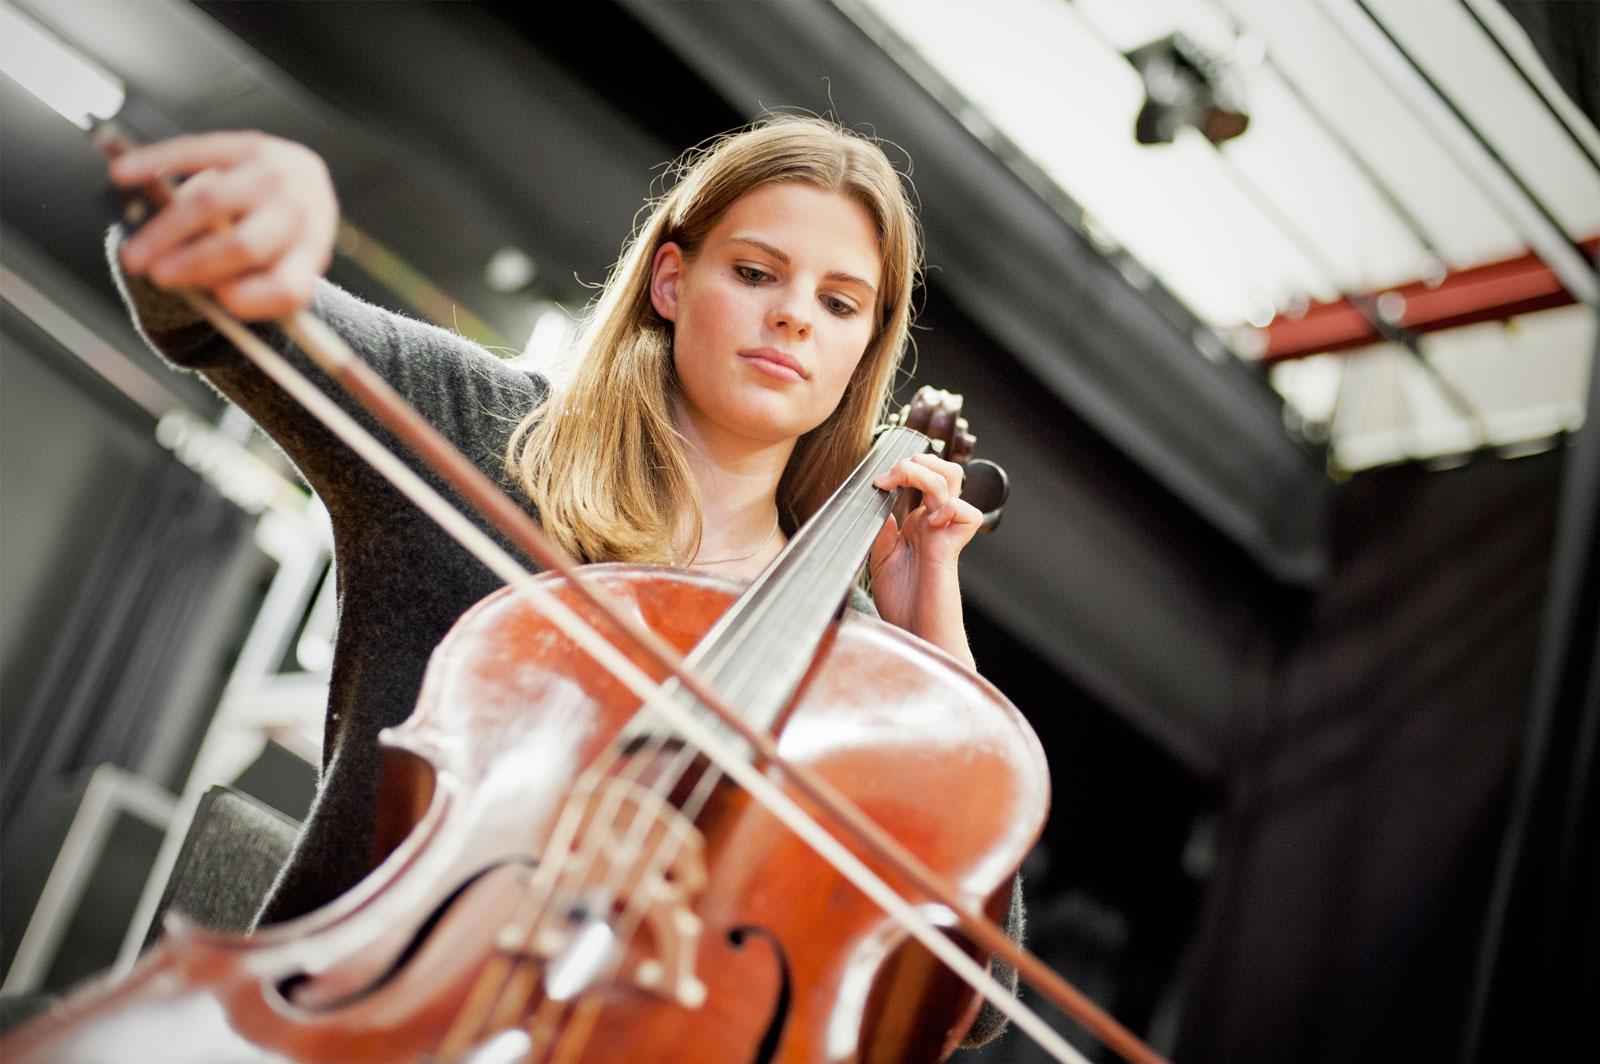 """""""Ich möchte Schello lernen"""" - Maren Jarzabek vom Cello-Orchester """"Cellissimo"""" der Musikschule Krefeld"""